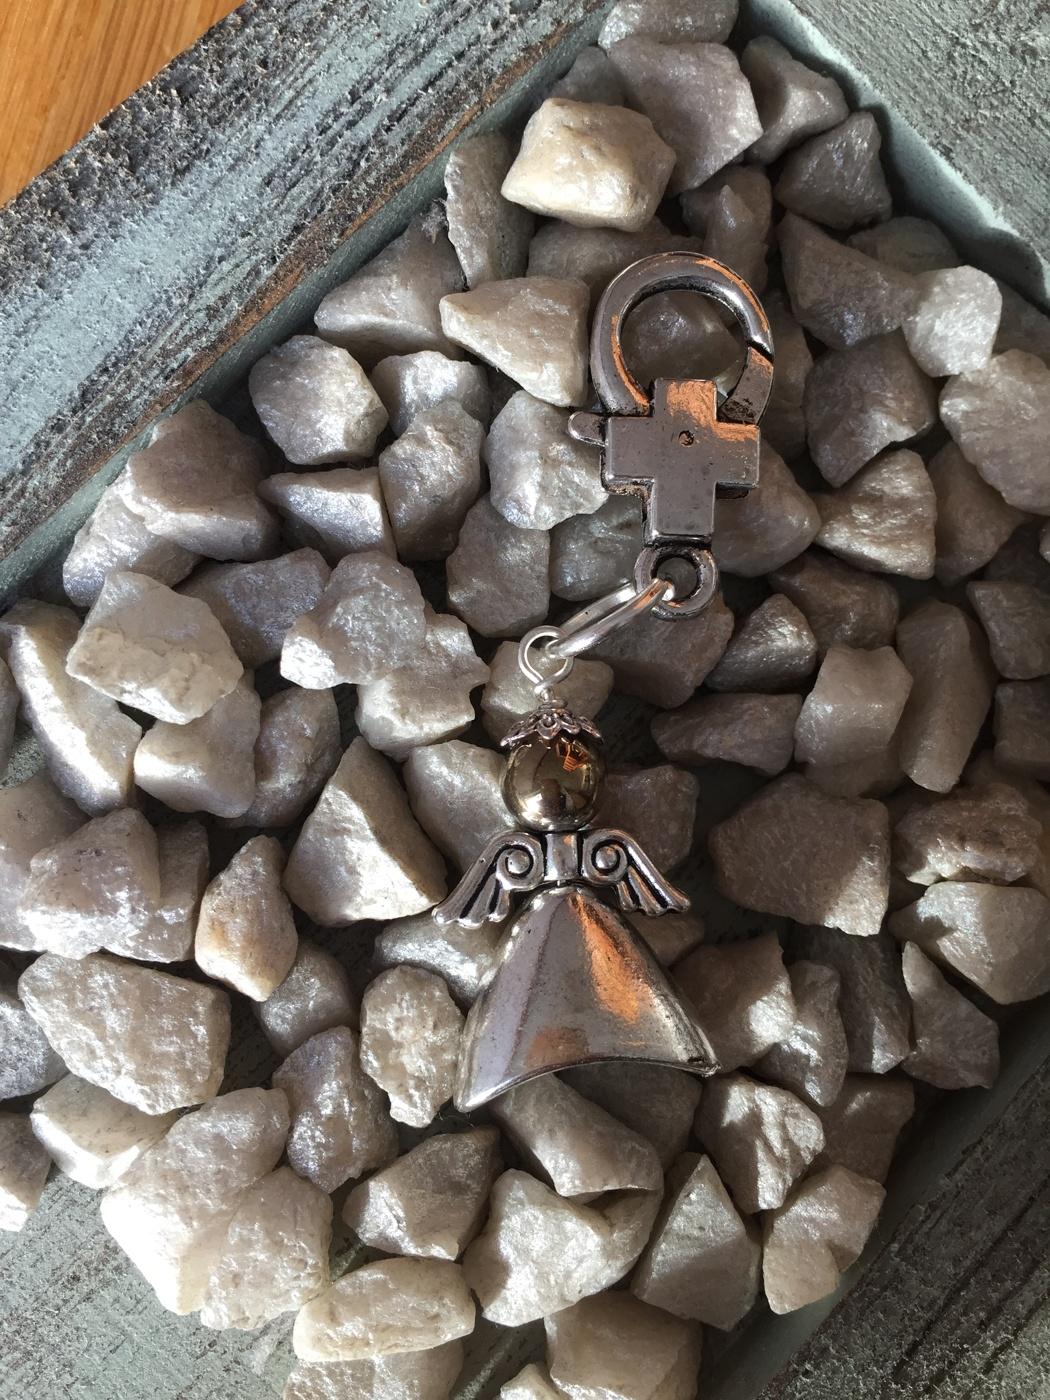 PYRIT Sol, rikedom, lindring, minnen, kärlek, beskydd.